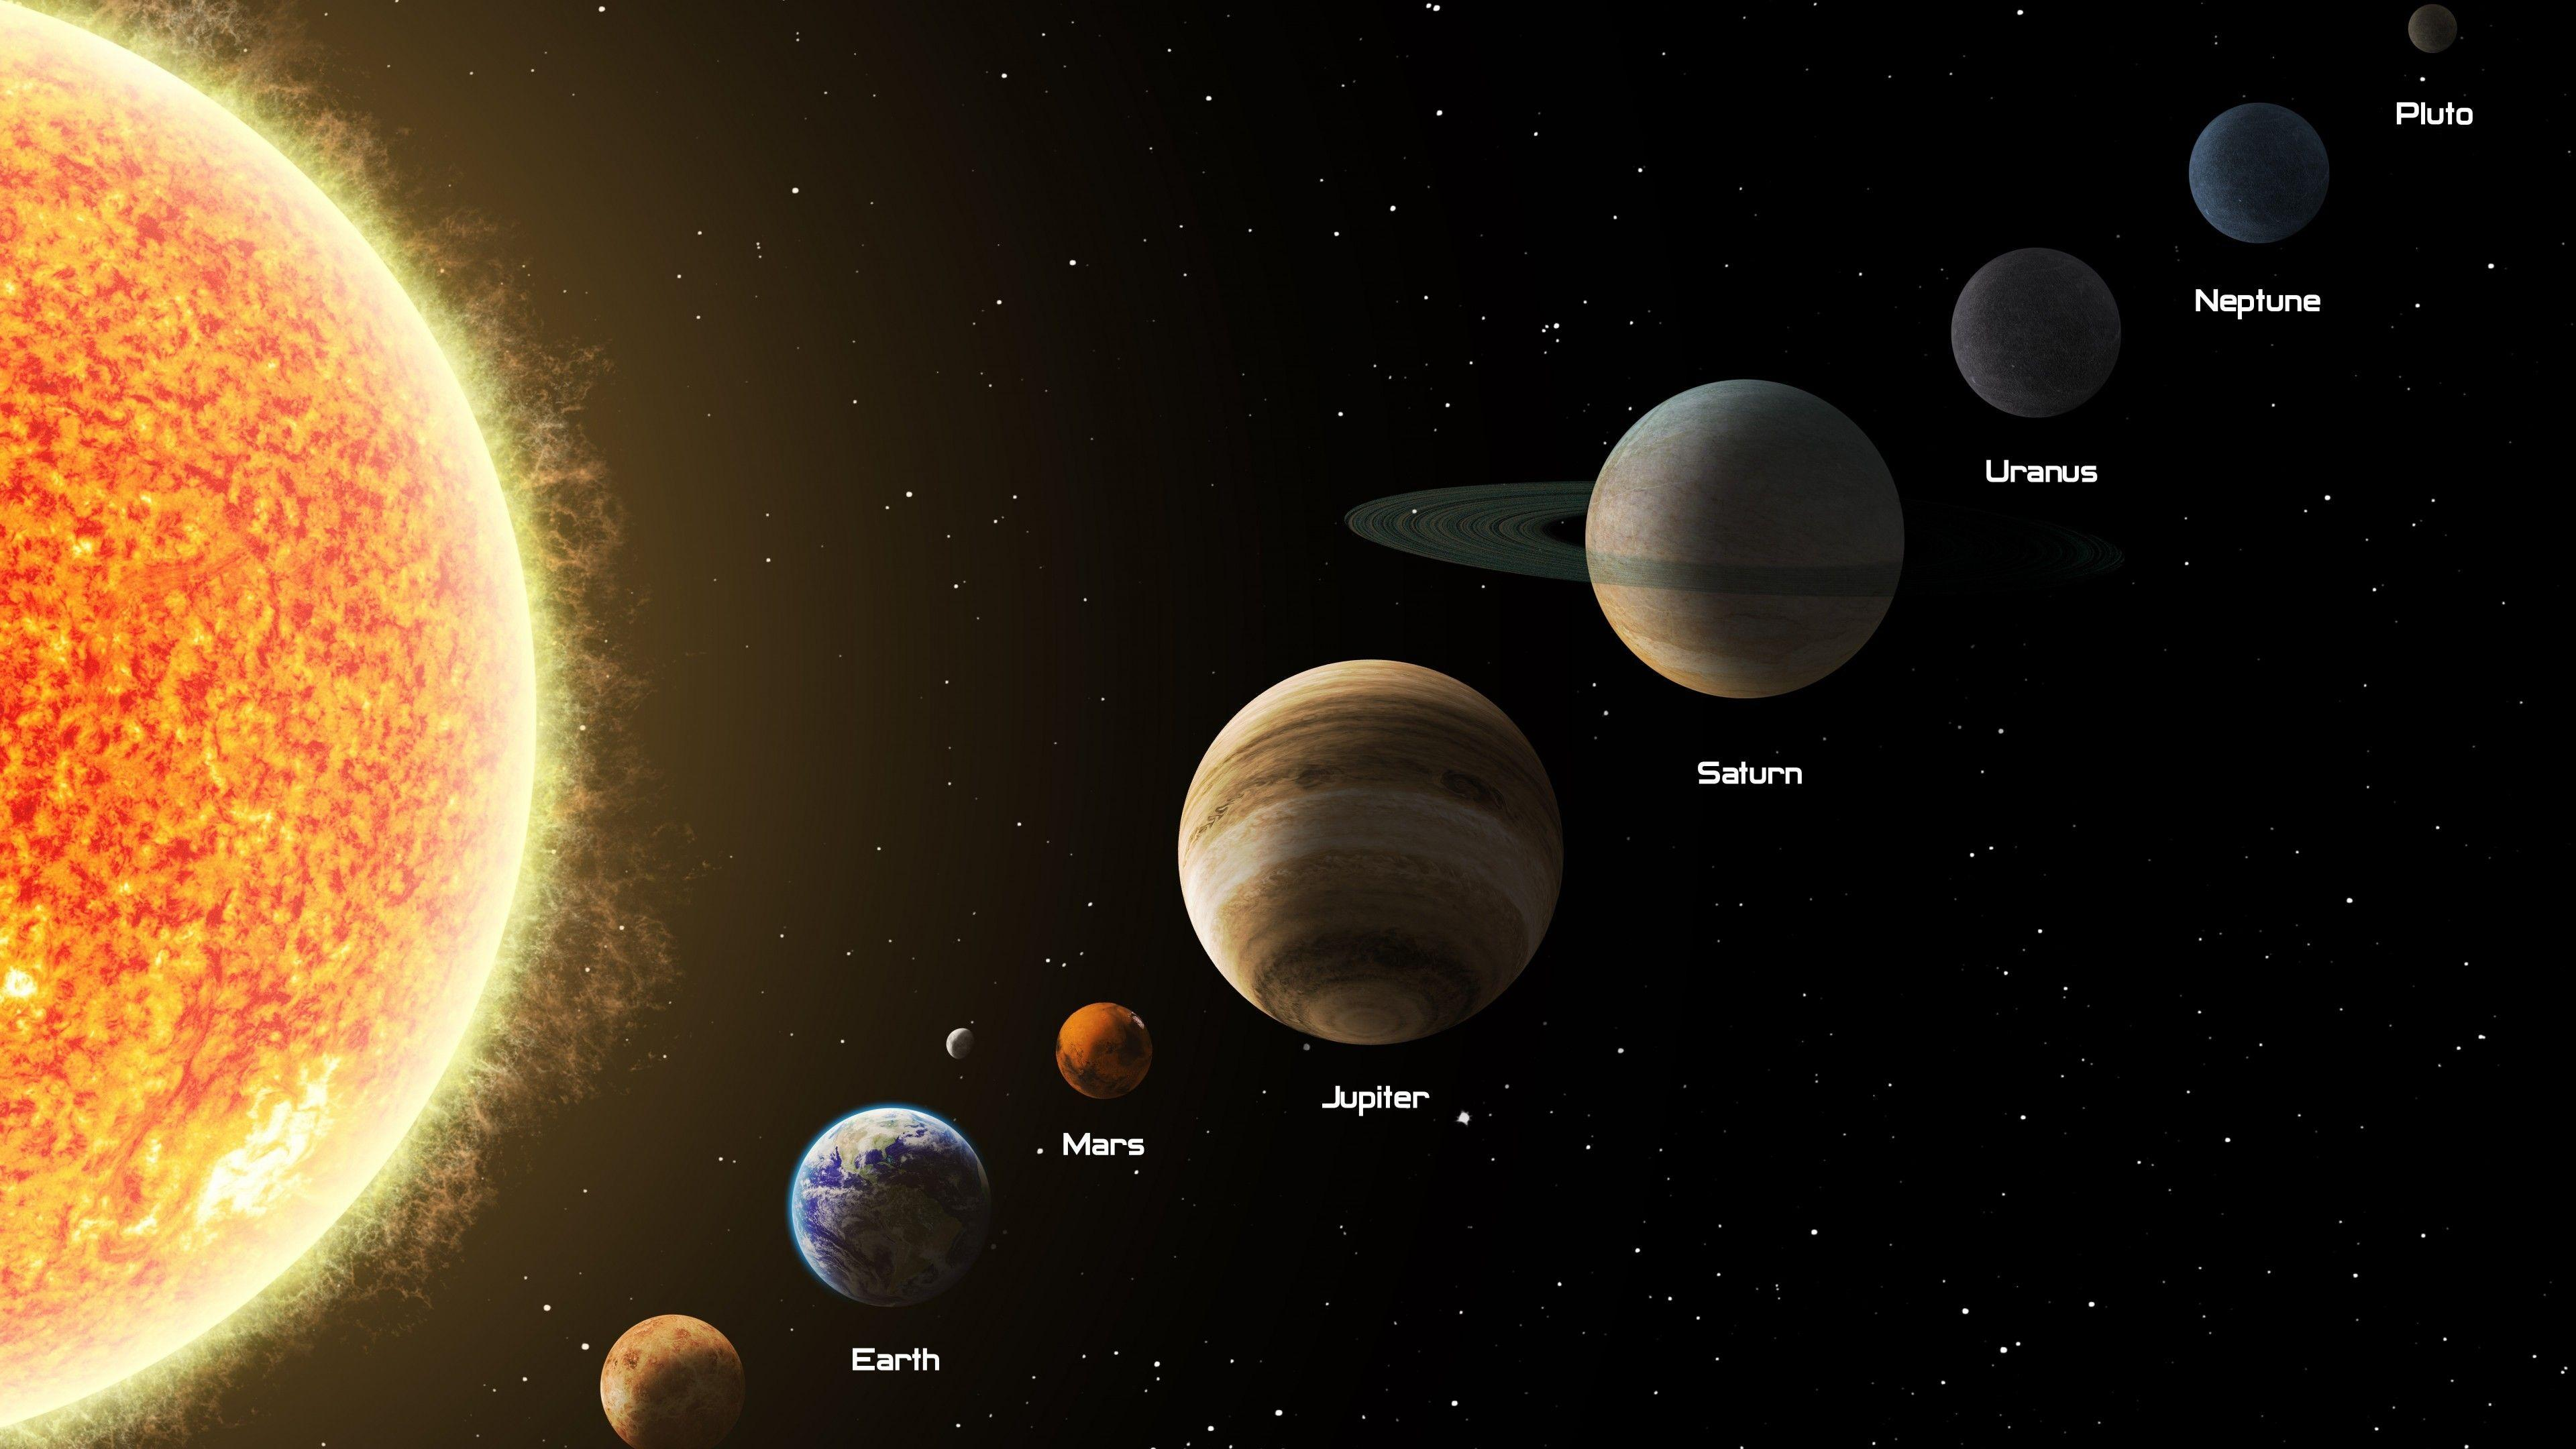 planets galaxy solar system star size - HD3840×2160